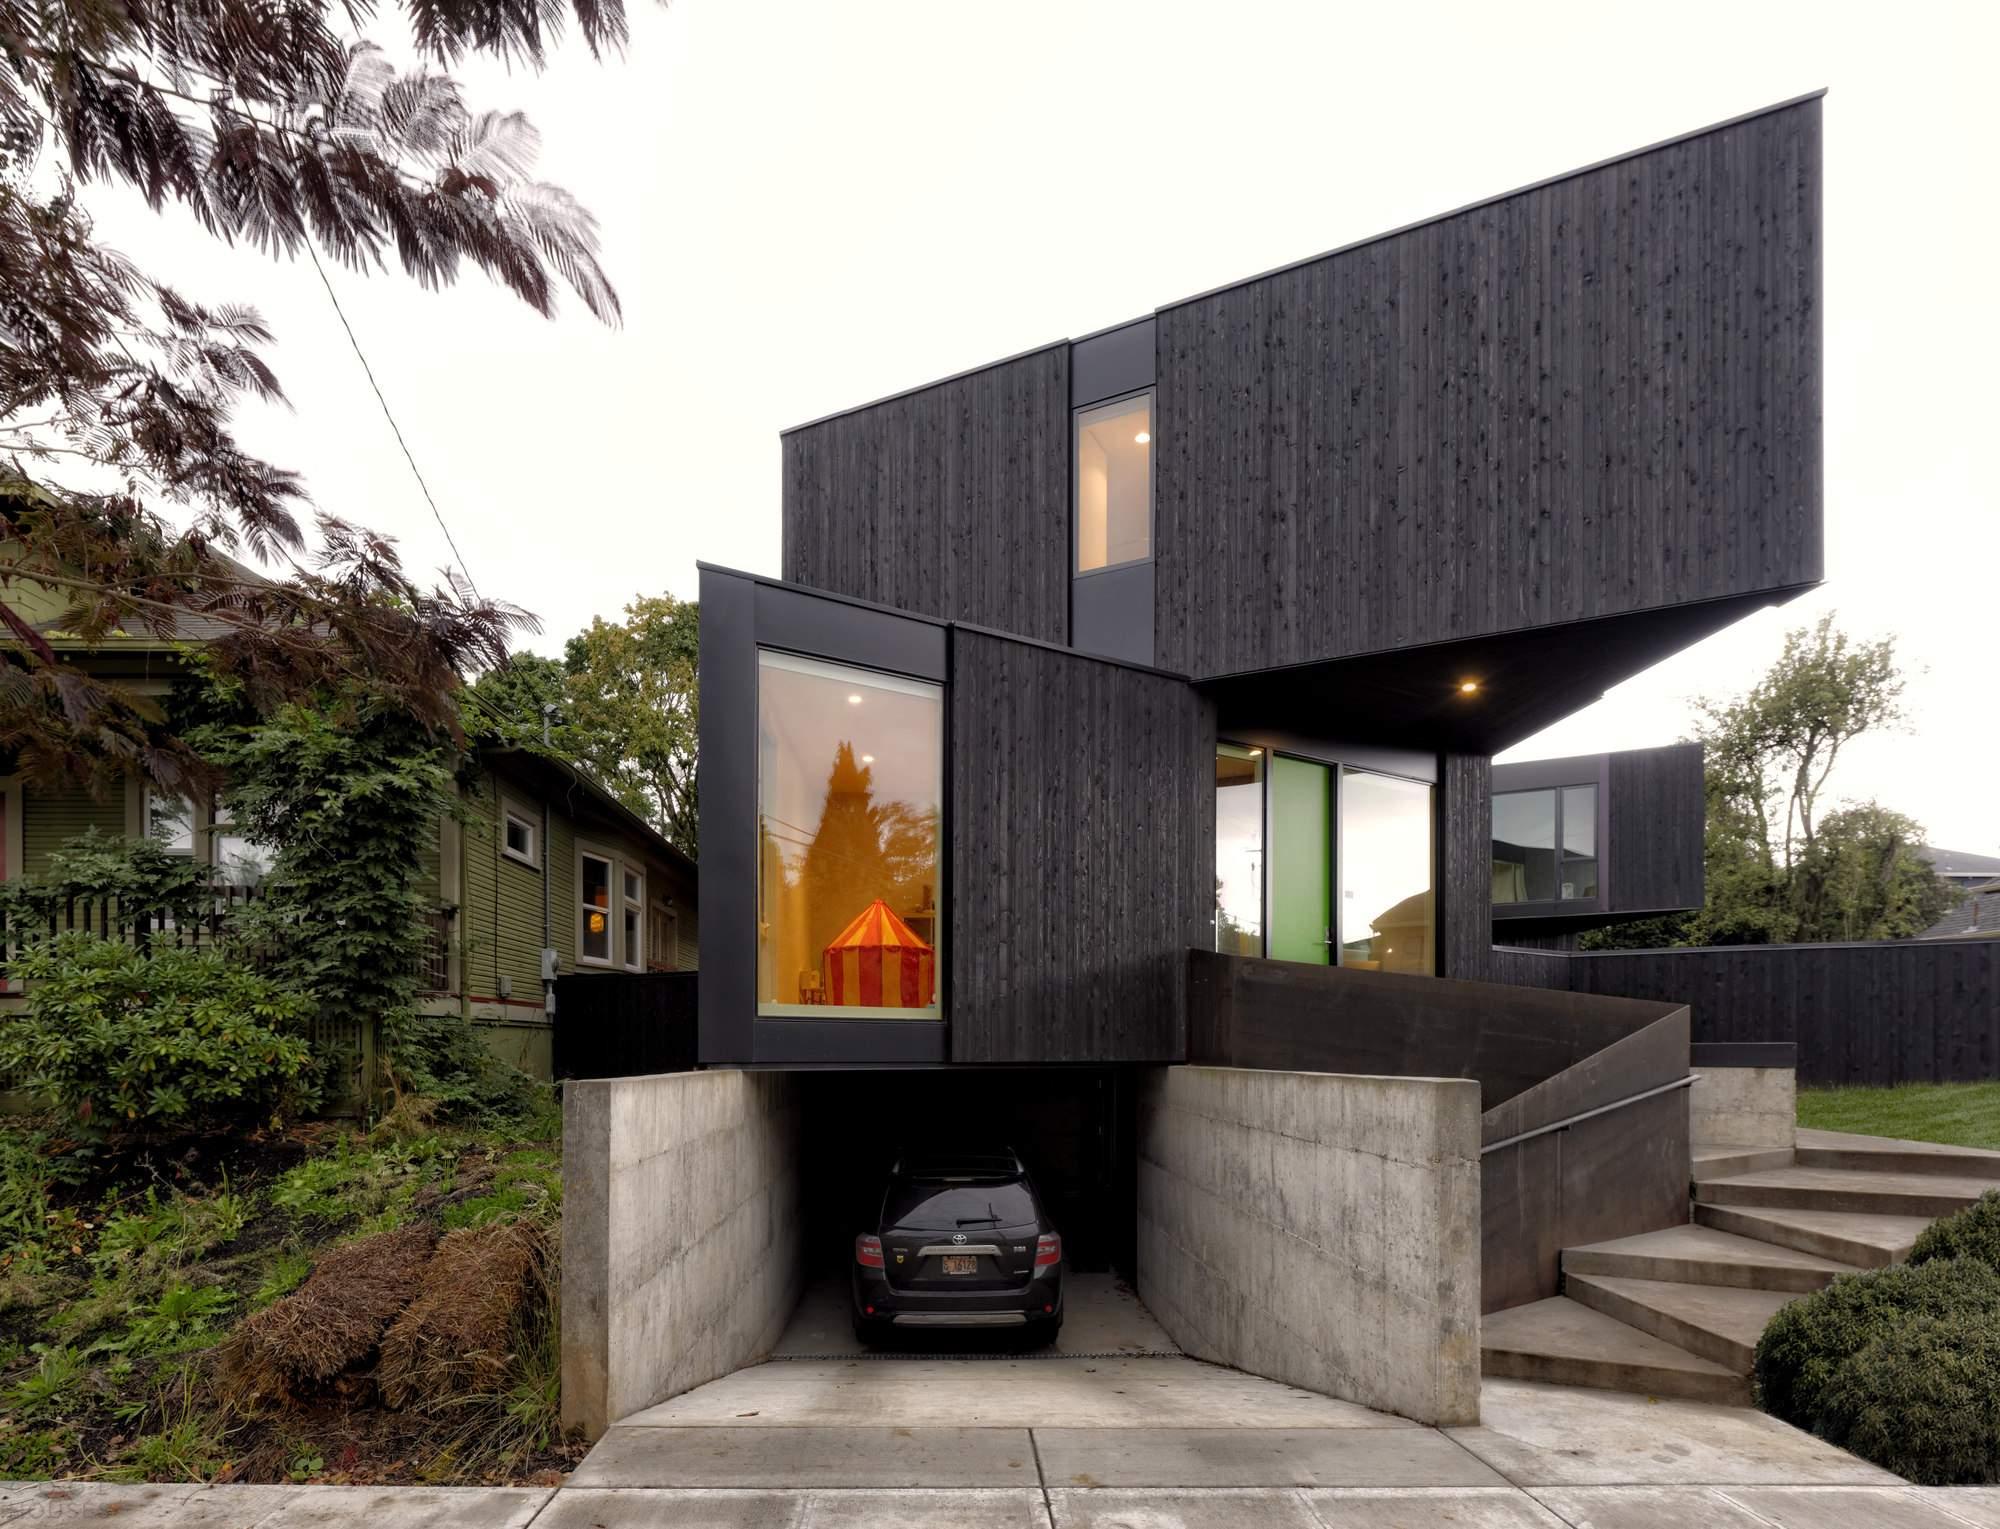 Модульный дом HOMB в Портленде, США